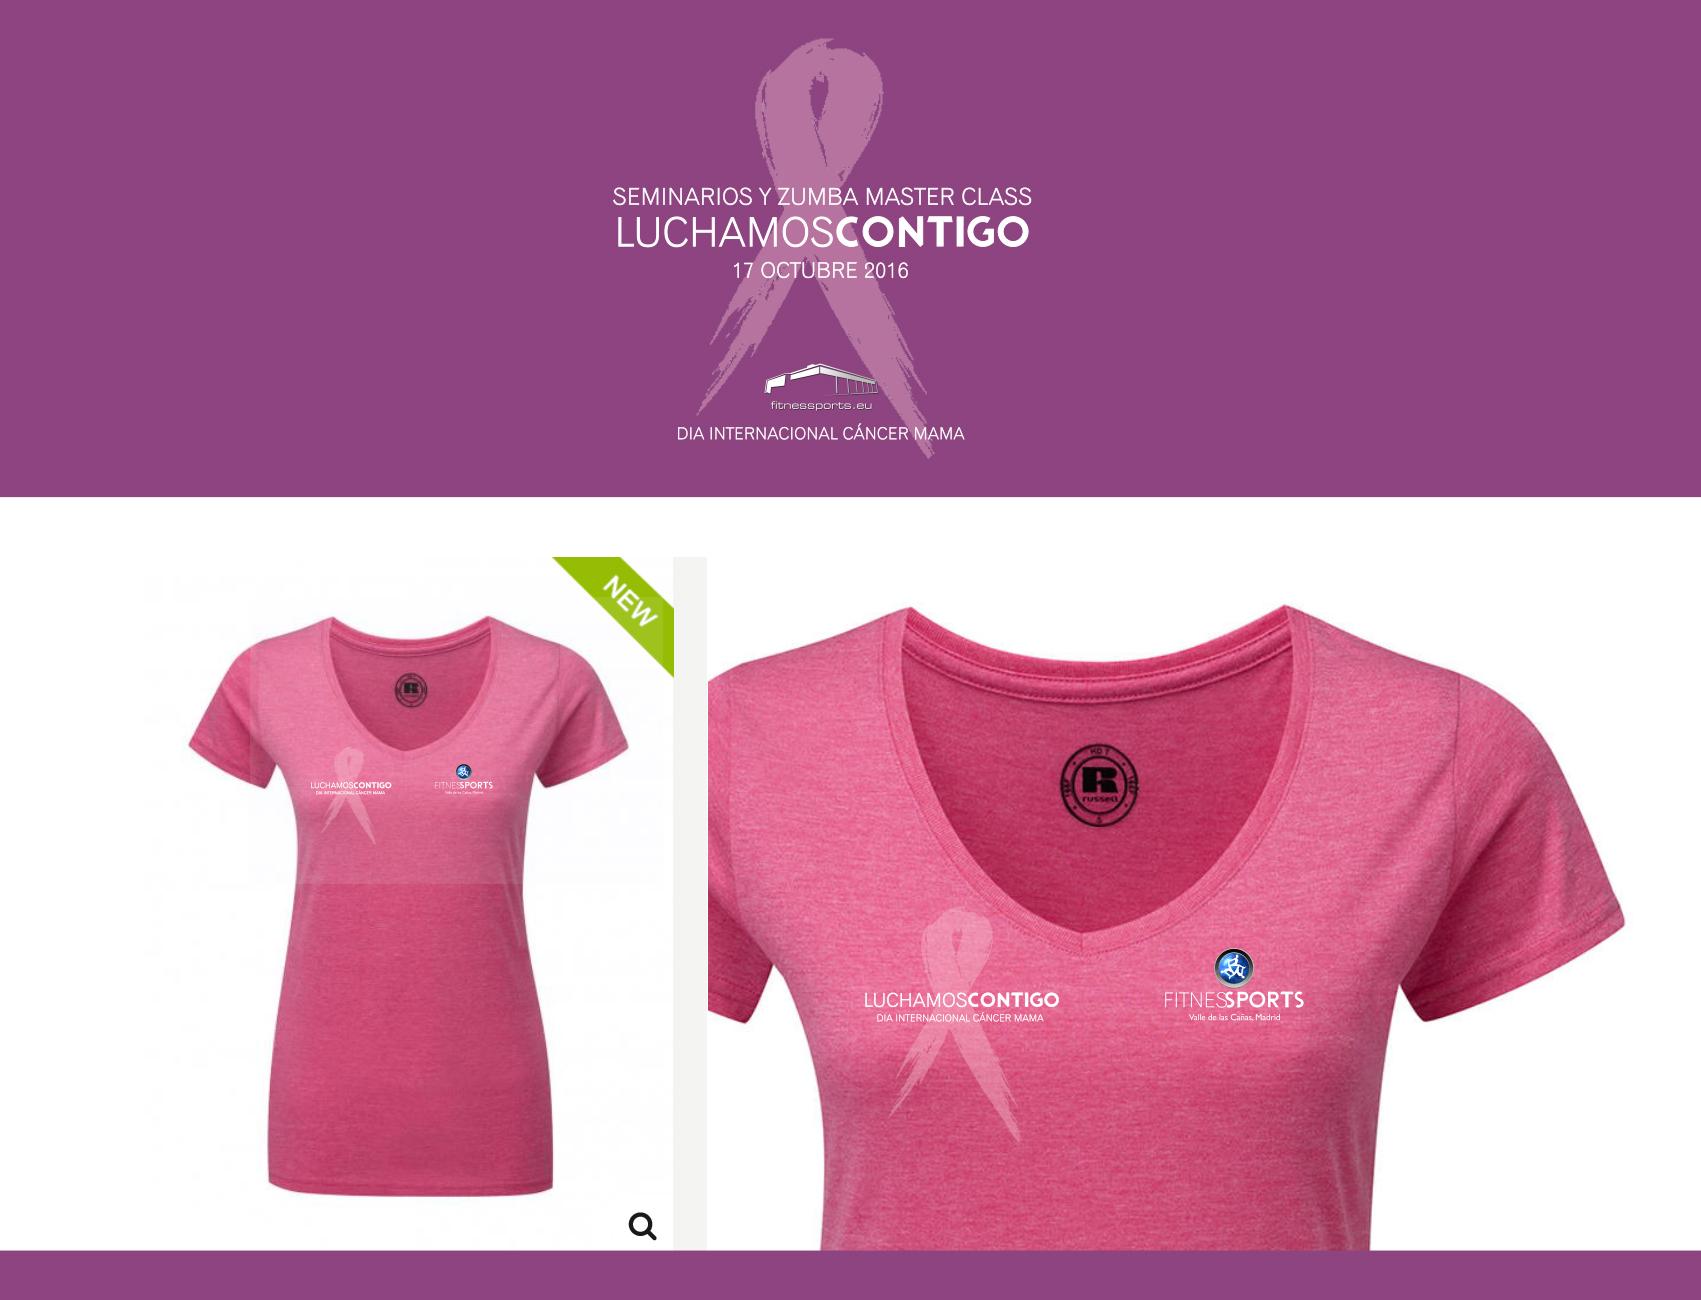 Día internacional de la lucha contra el cáncer - LUCHAMOS CONTIGO